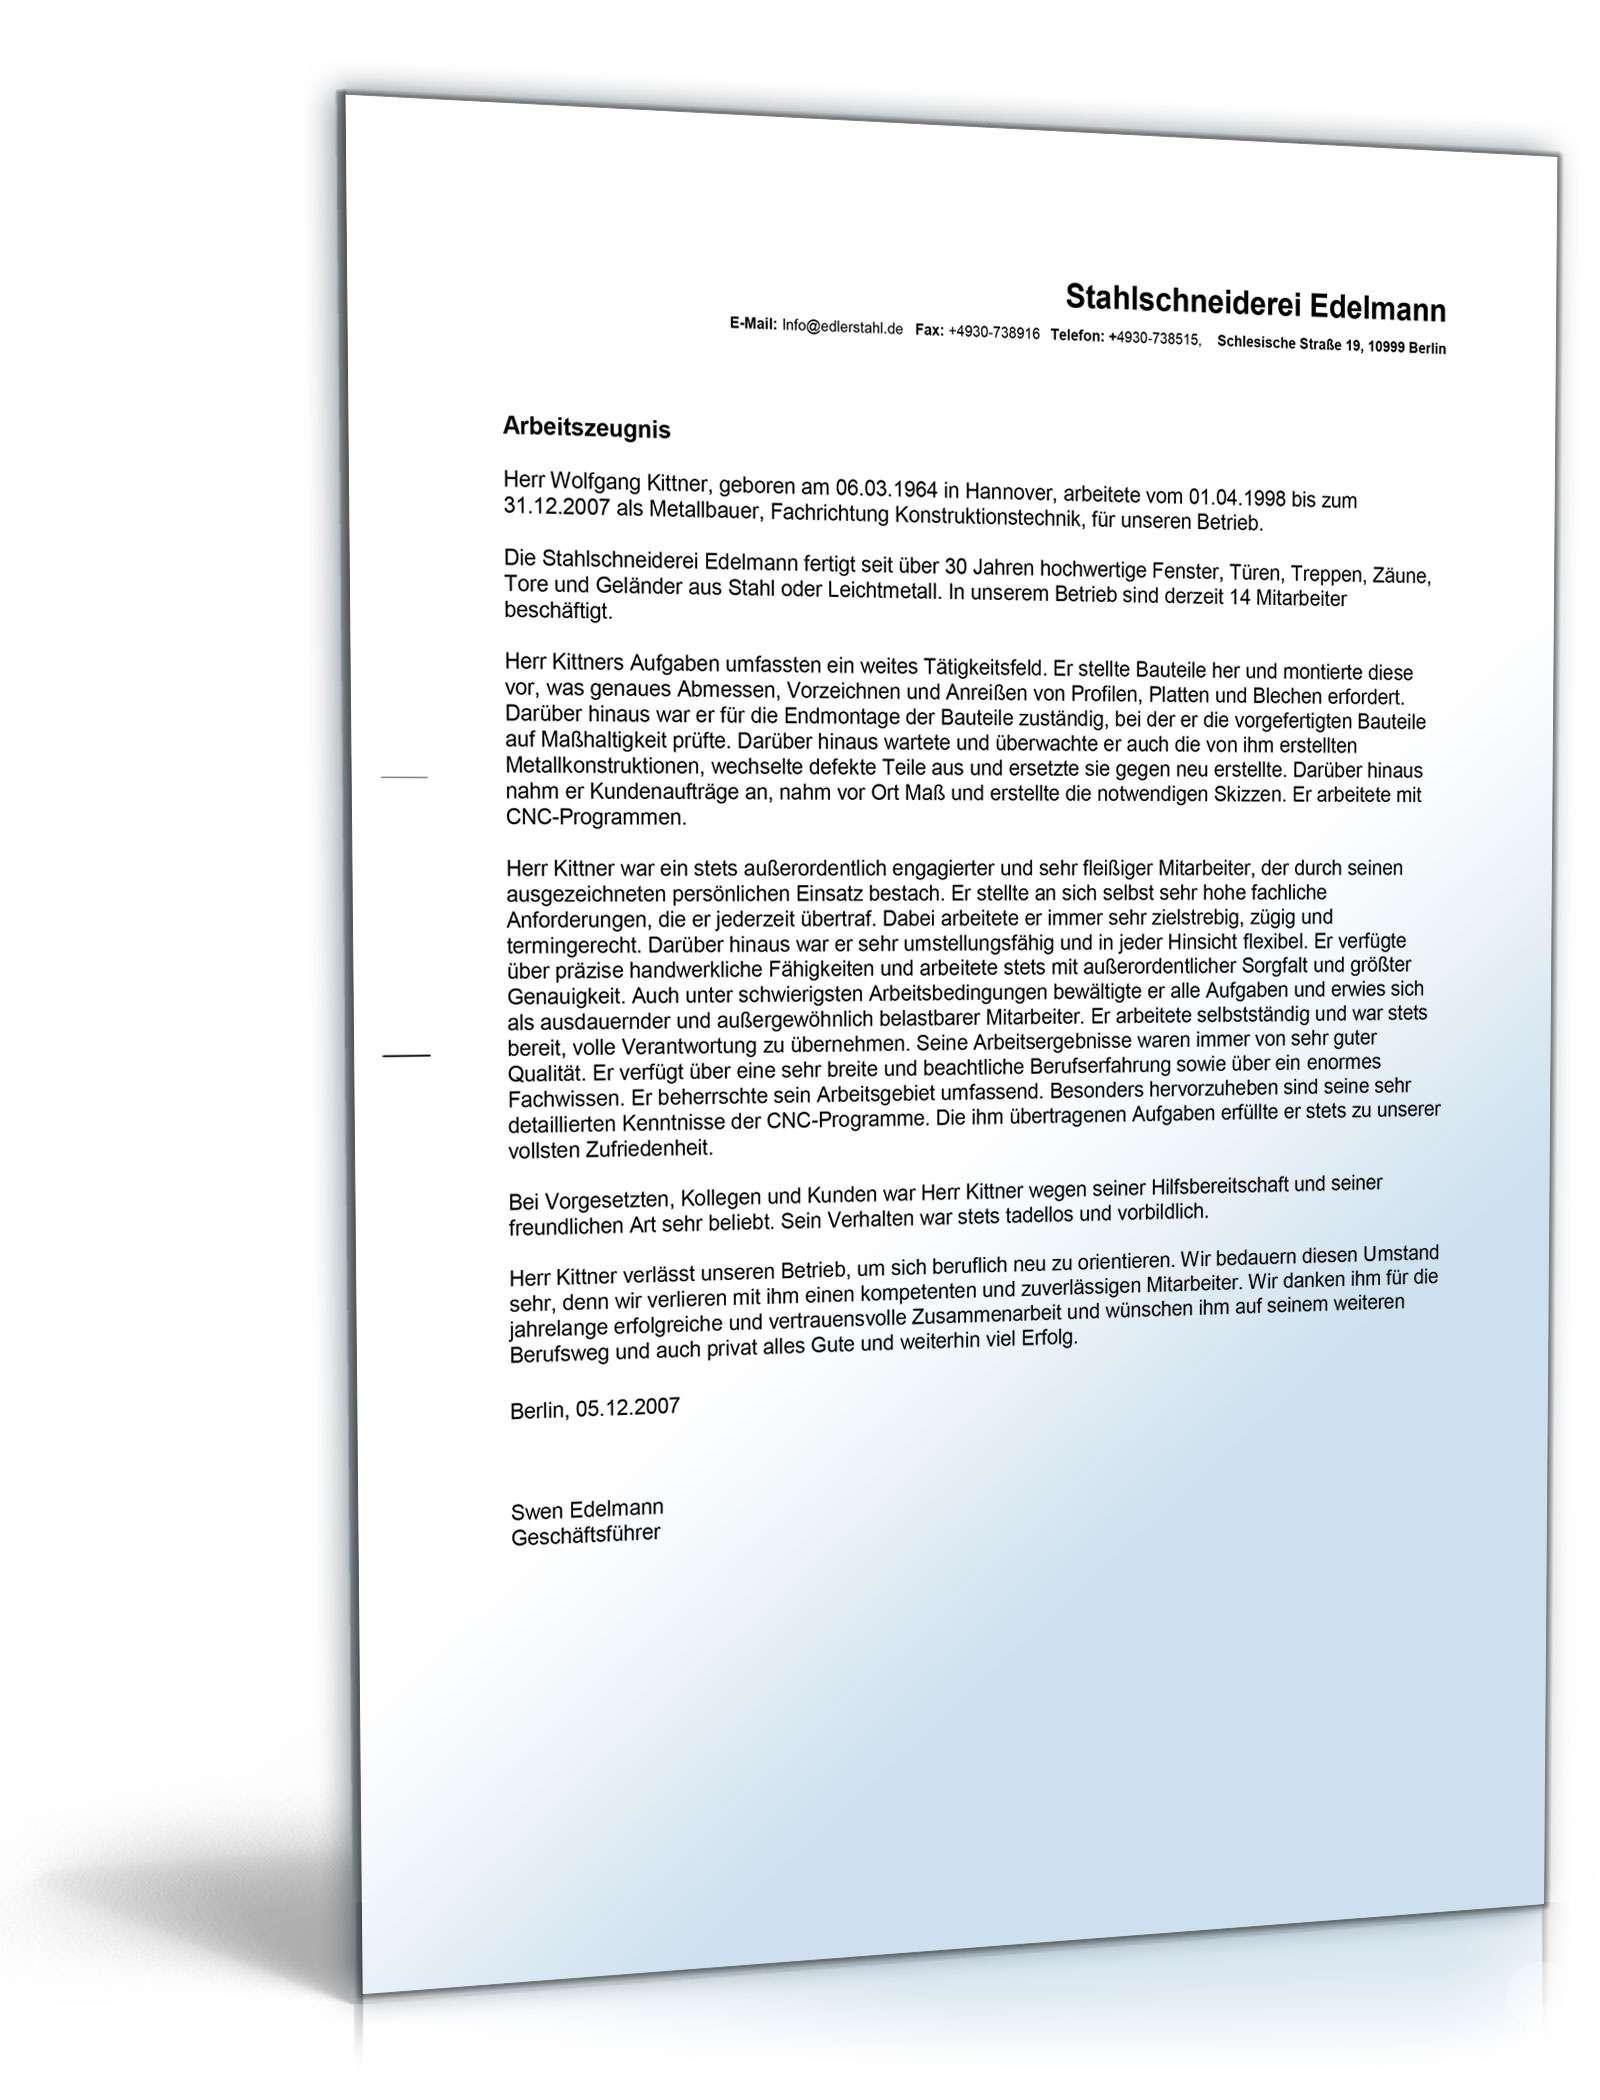 Arbeitszeugnis Metallbauer Rechtsichere Muster Zum Download